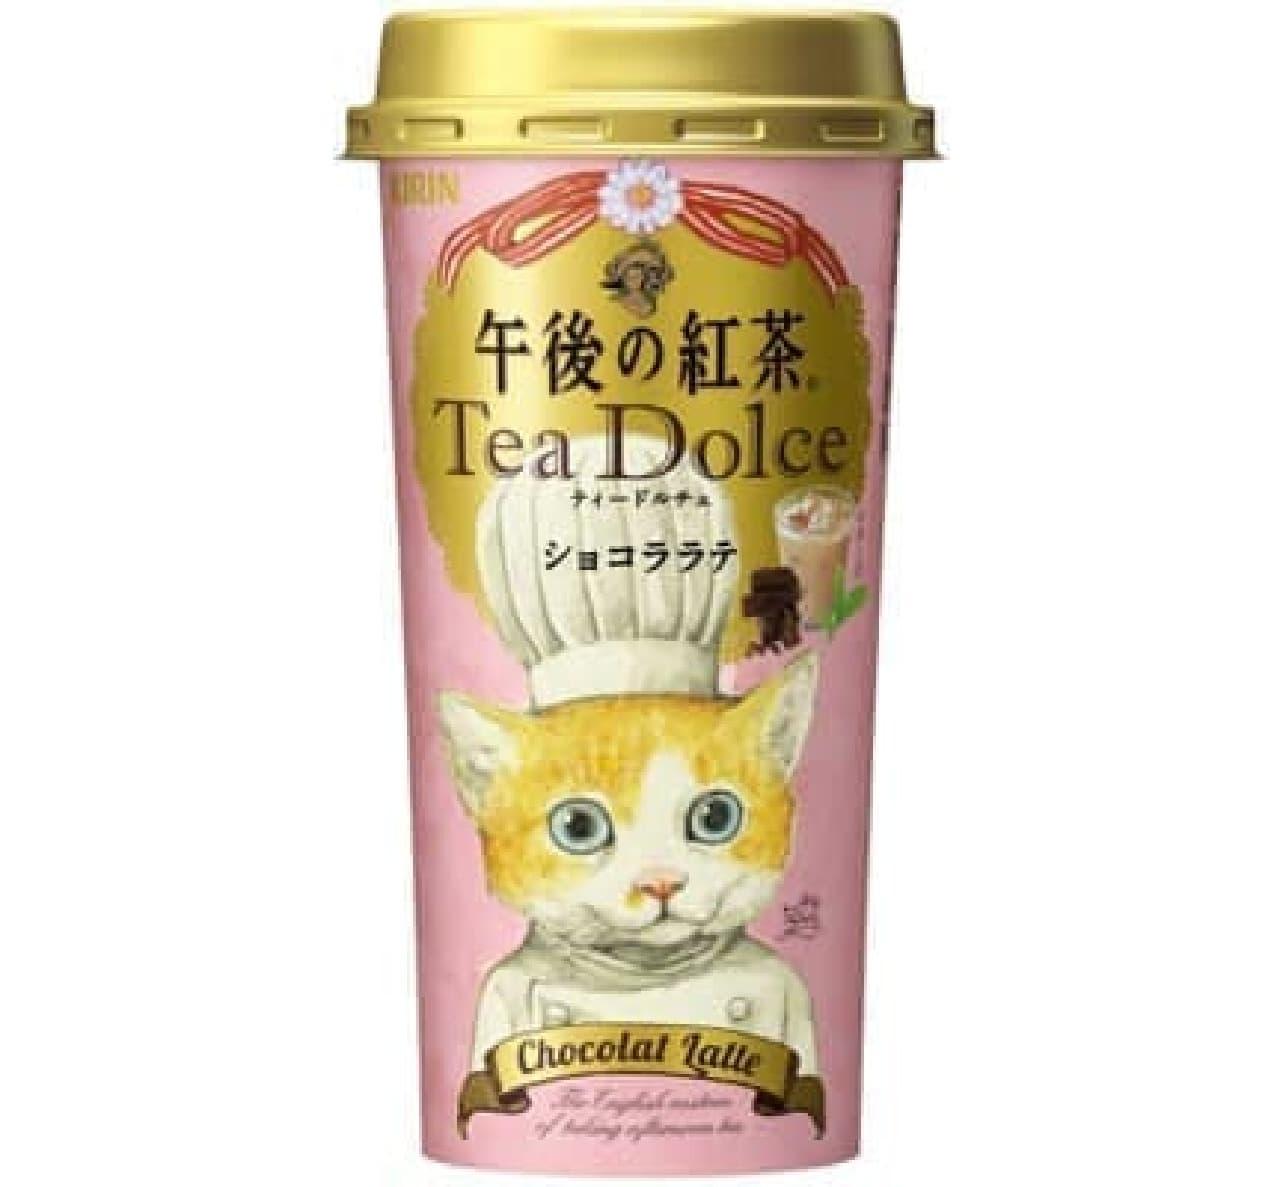 猫のイラストがかわいいショコララテ!